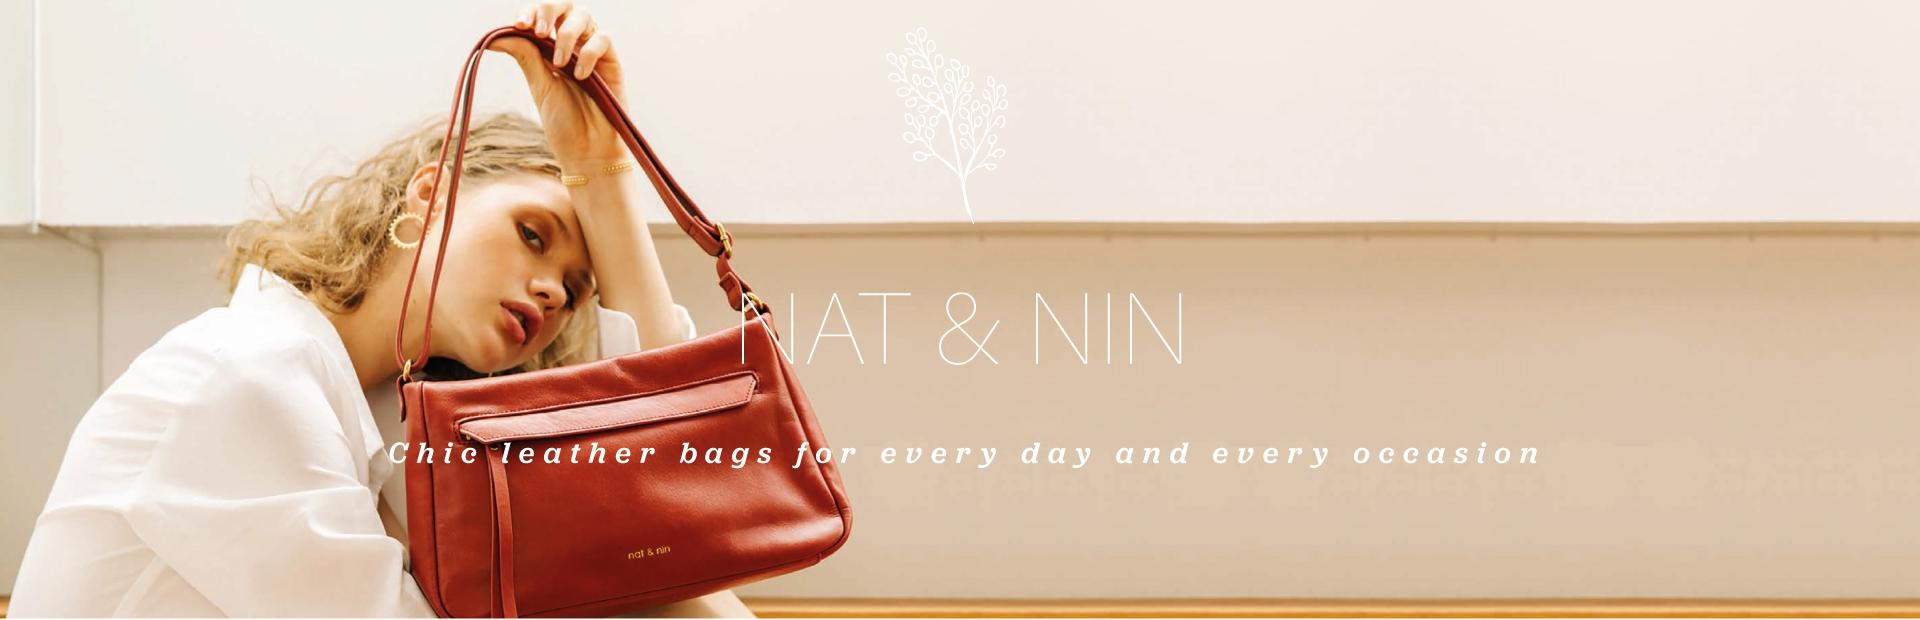 Nat & Nin